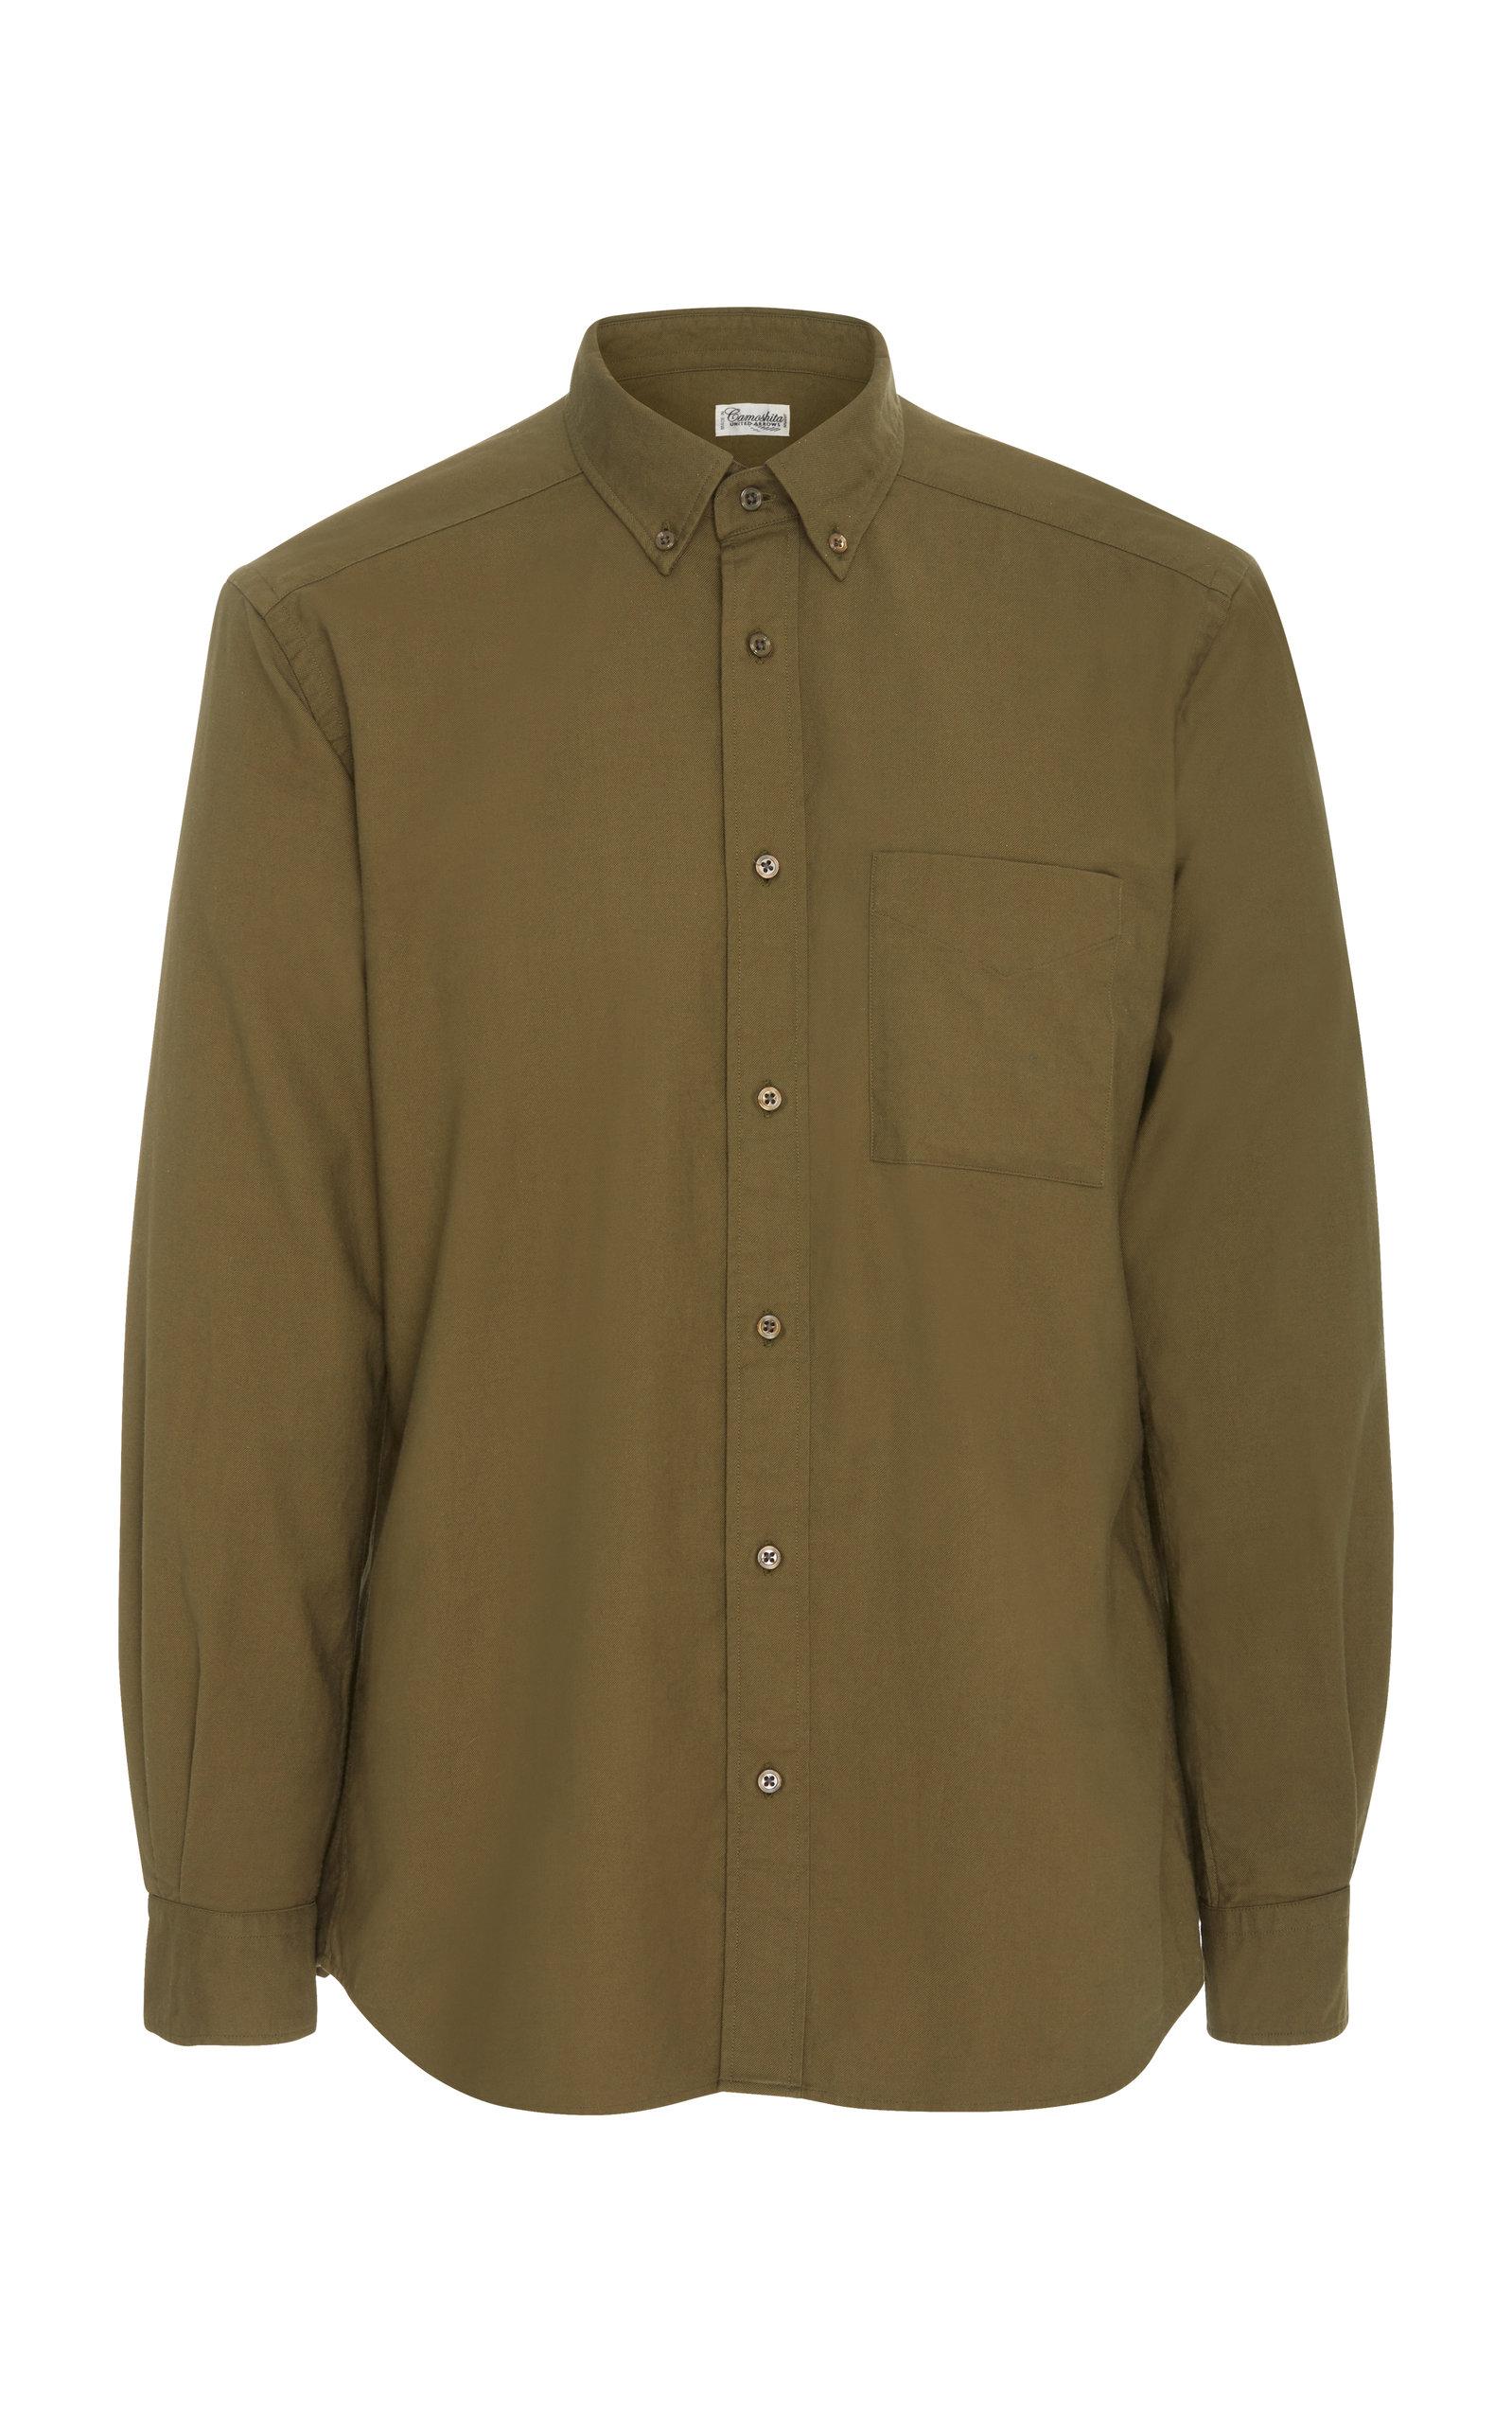 CAMOSHITA Button-Down Oxford Dress Shirt in Green